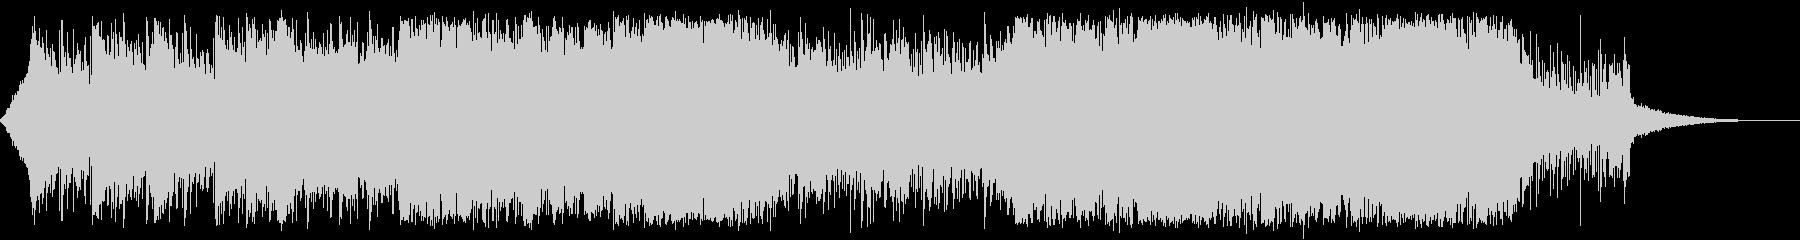 火山・ダンジョン・ファンタジーの未再生の波形